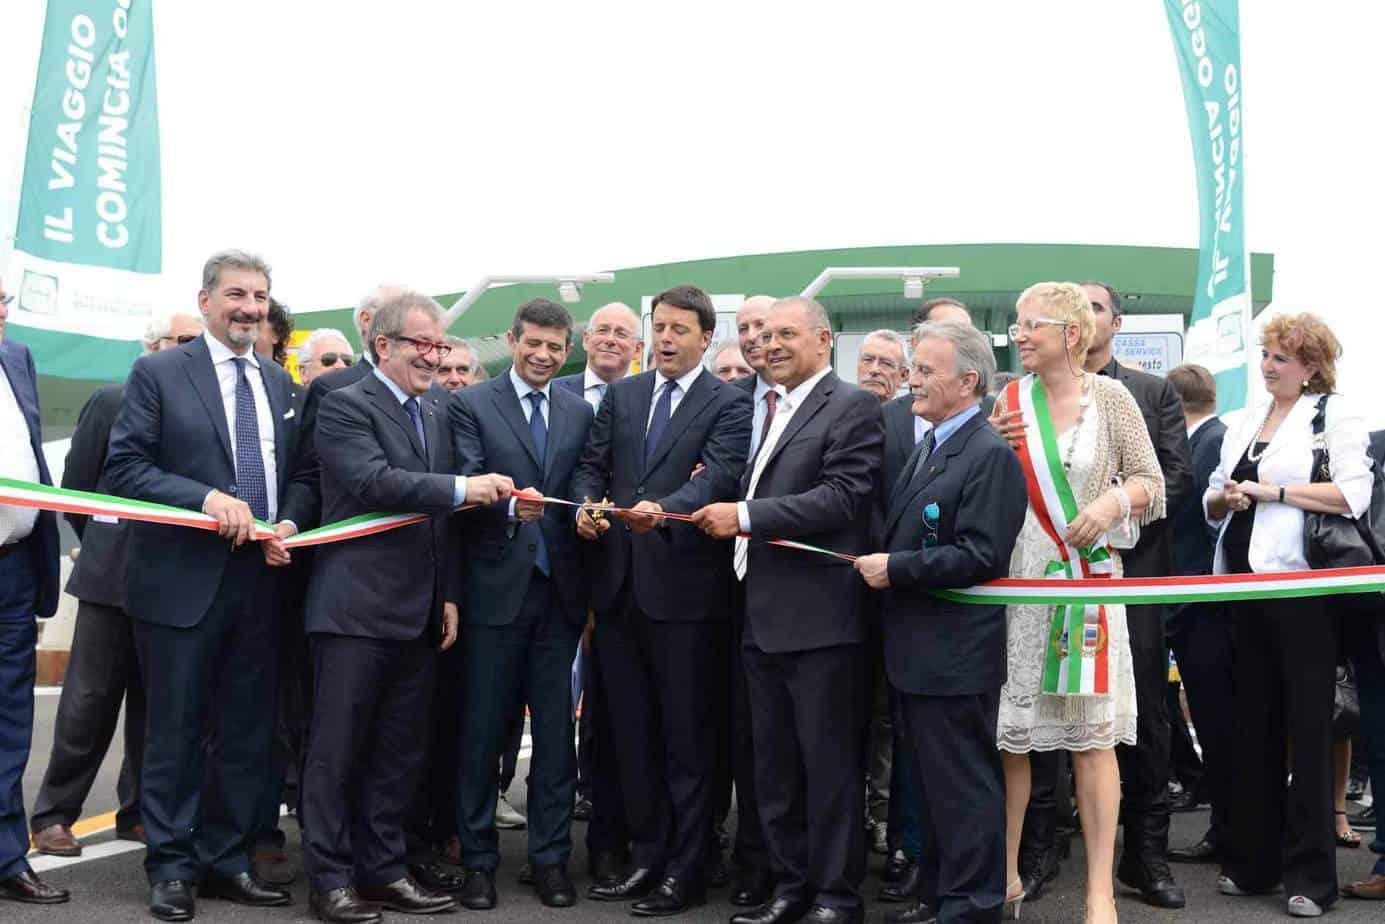 Da sinistra: Roberto Maroni, Presidente della Regione Lombardia, Maurizio Lupi, Ministro delle Infrastrutture e dei Trasporti, Matteo Renzi, Presidente del Consiglio dei Ministri, e Francesco Bettoni, Presidente BreBeMi e Autostrade Lombarde